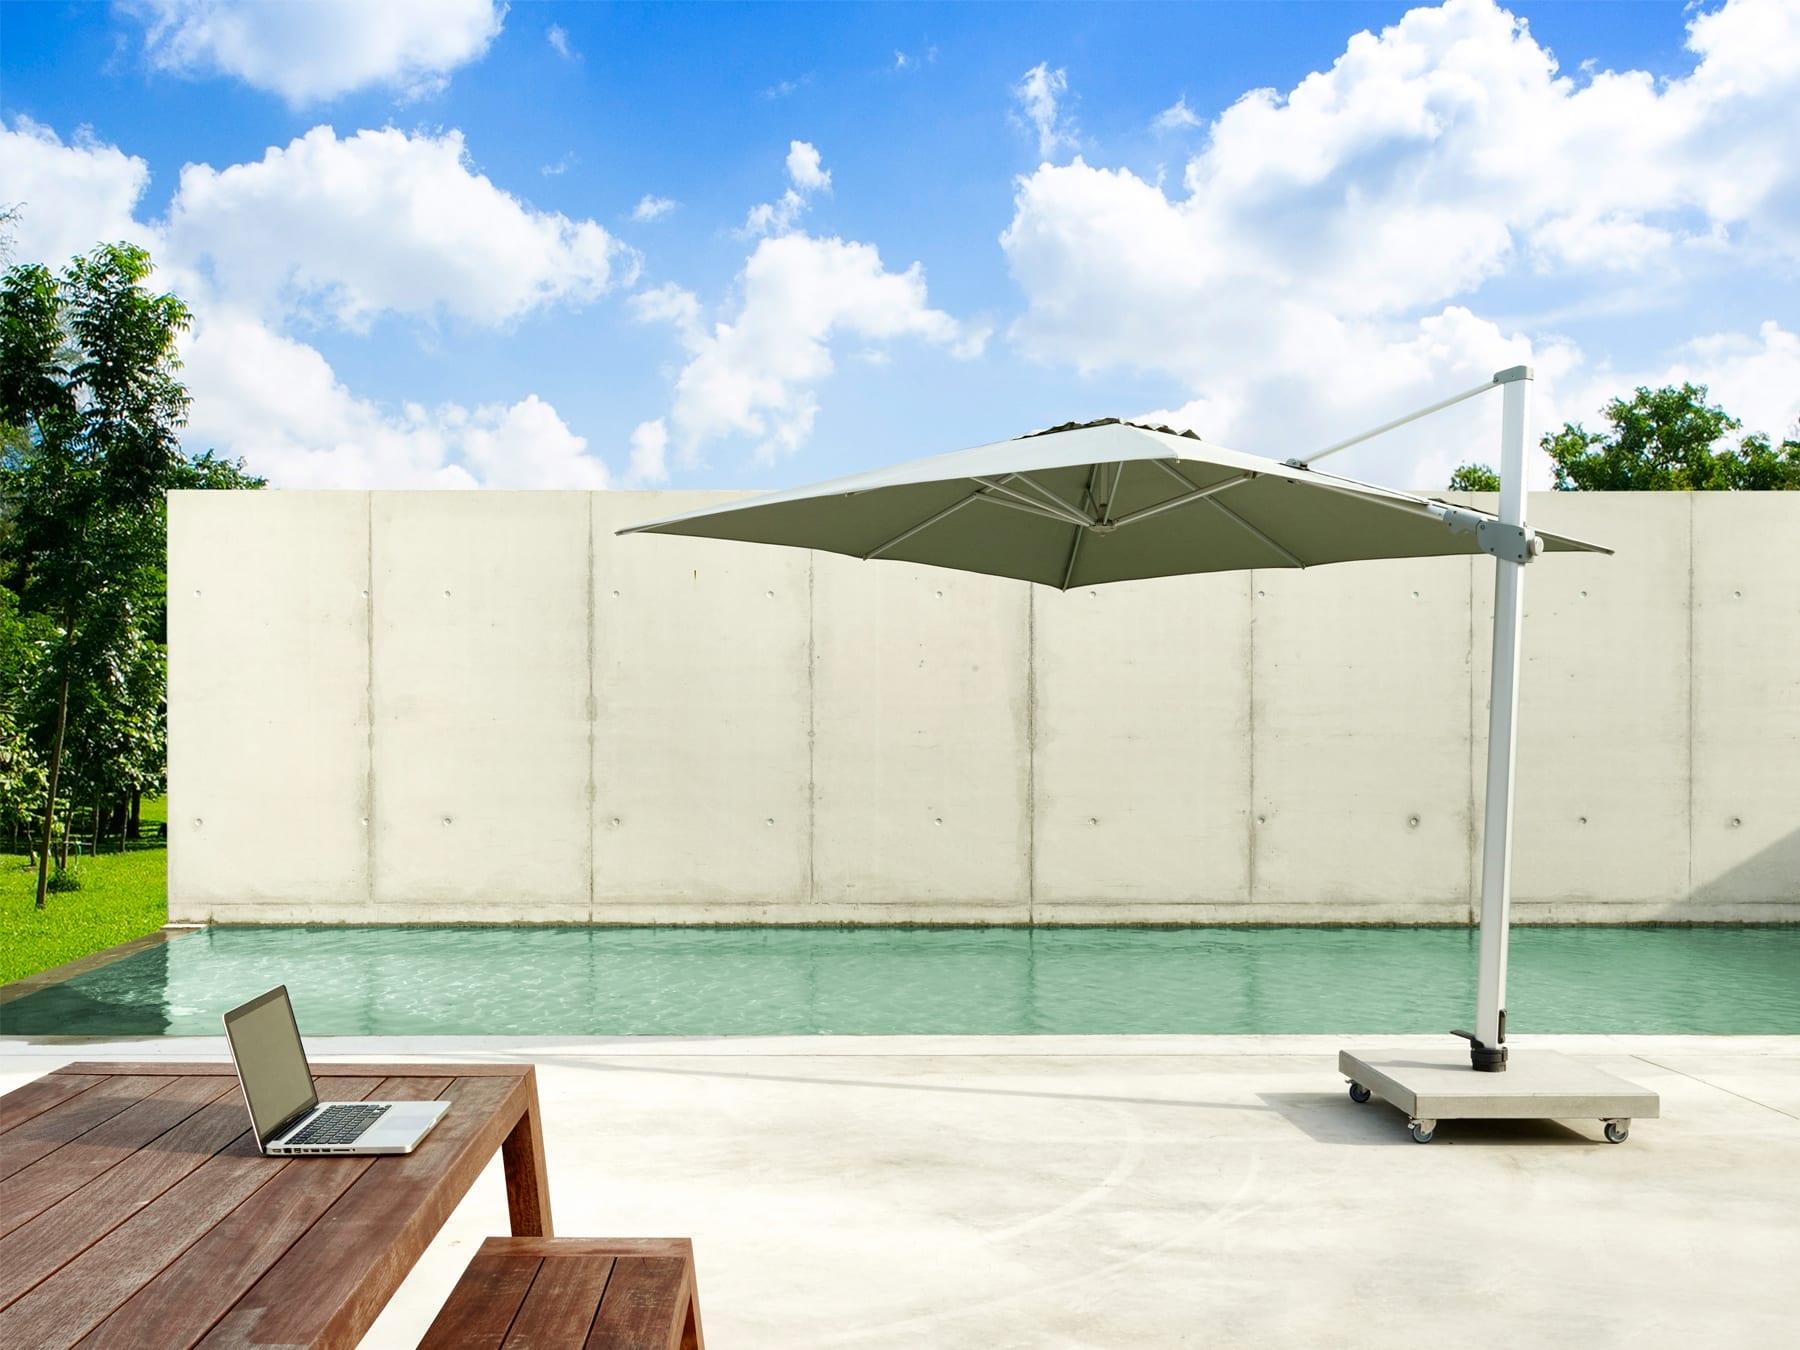 Jardinico-Mauritius-Umbrella-2 Incroyable De Parasol Sur Pied Schème